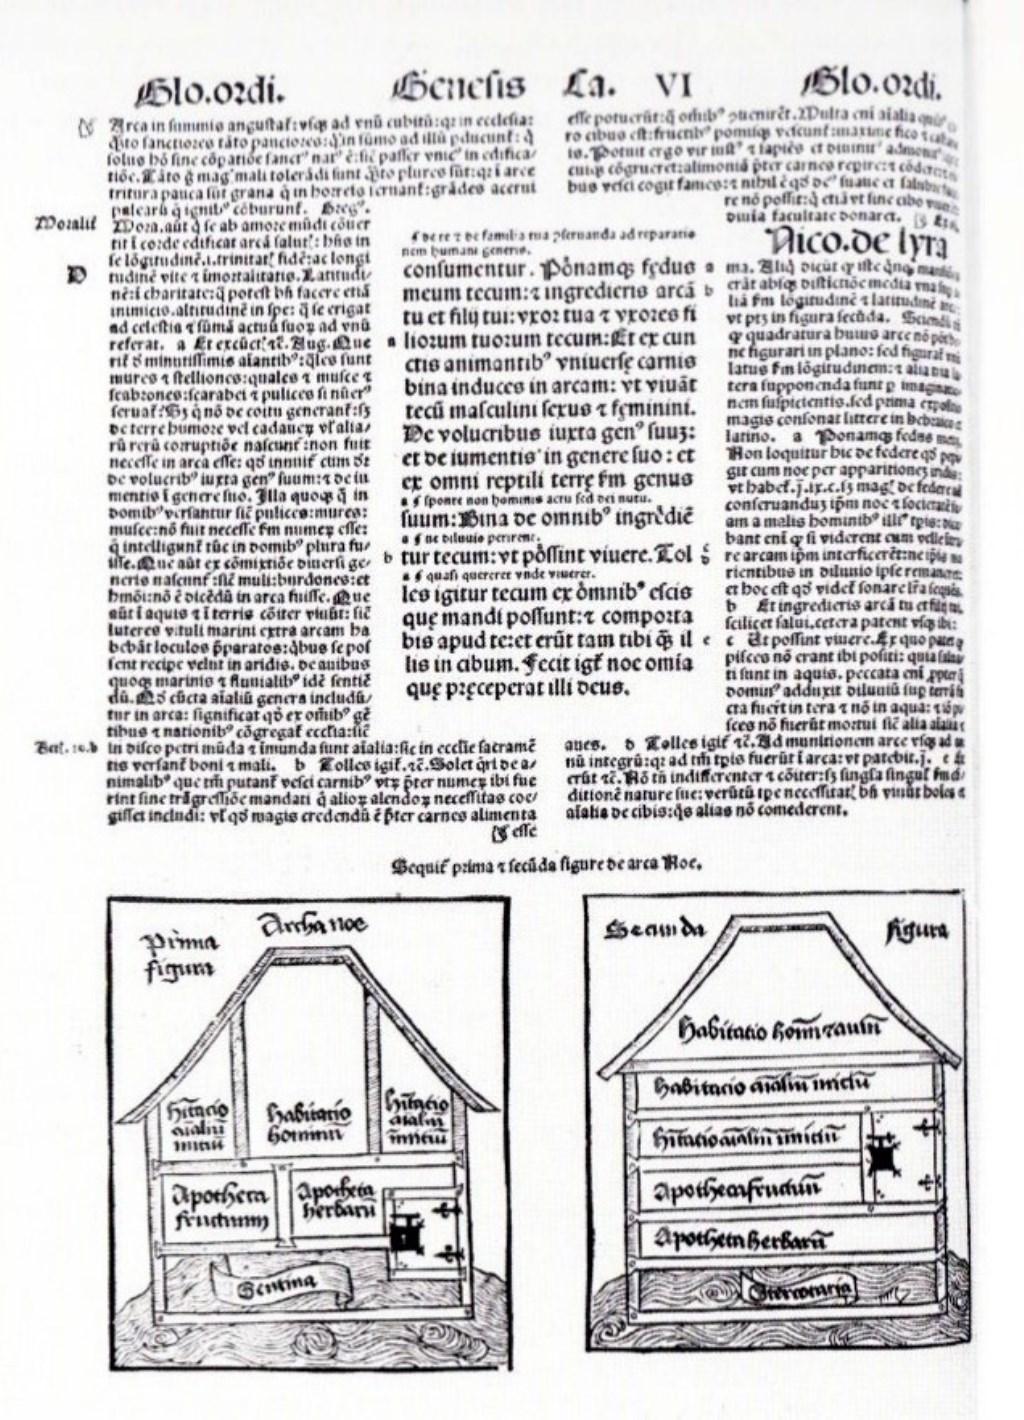 Pagina uit de zesdelige bijbel uit 1498  © De Vierklank